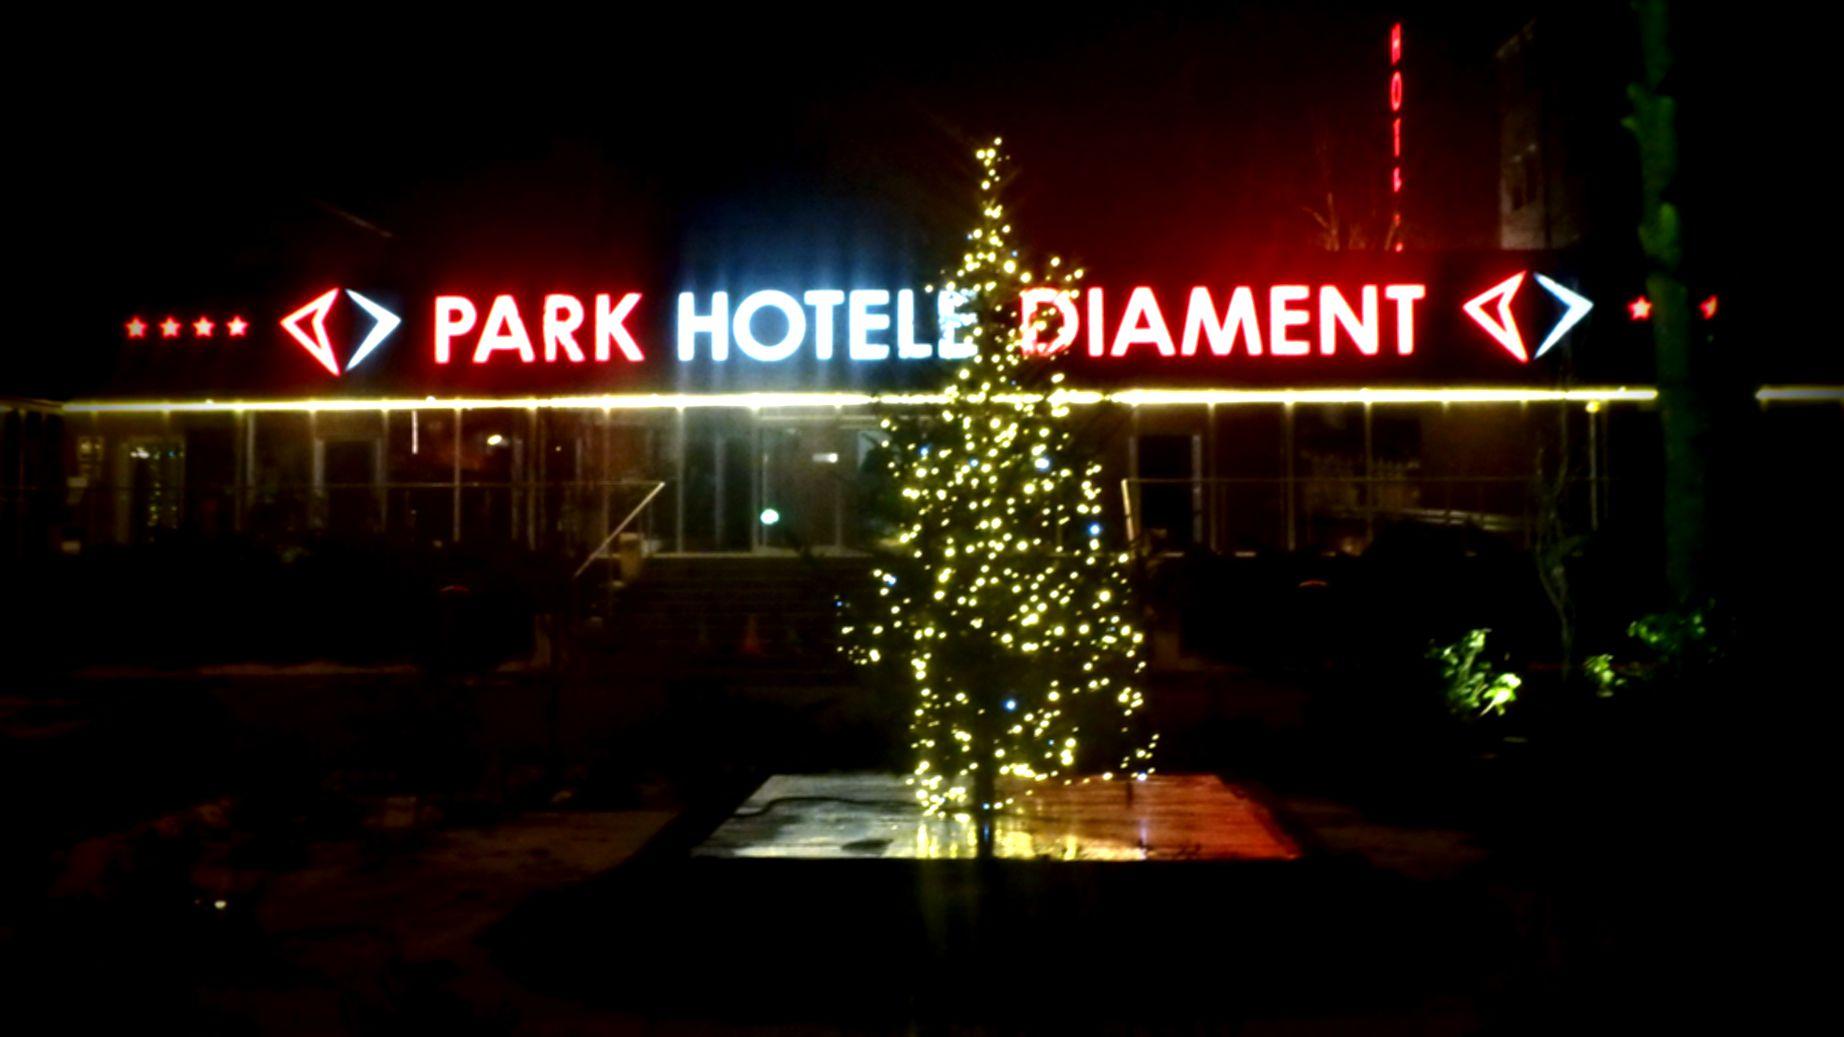 Park Hotele Diament